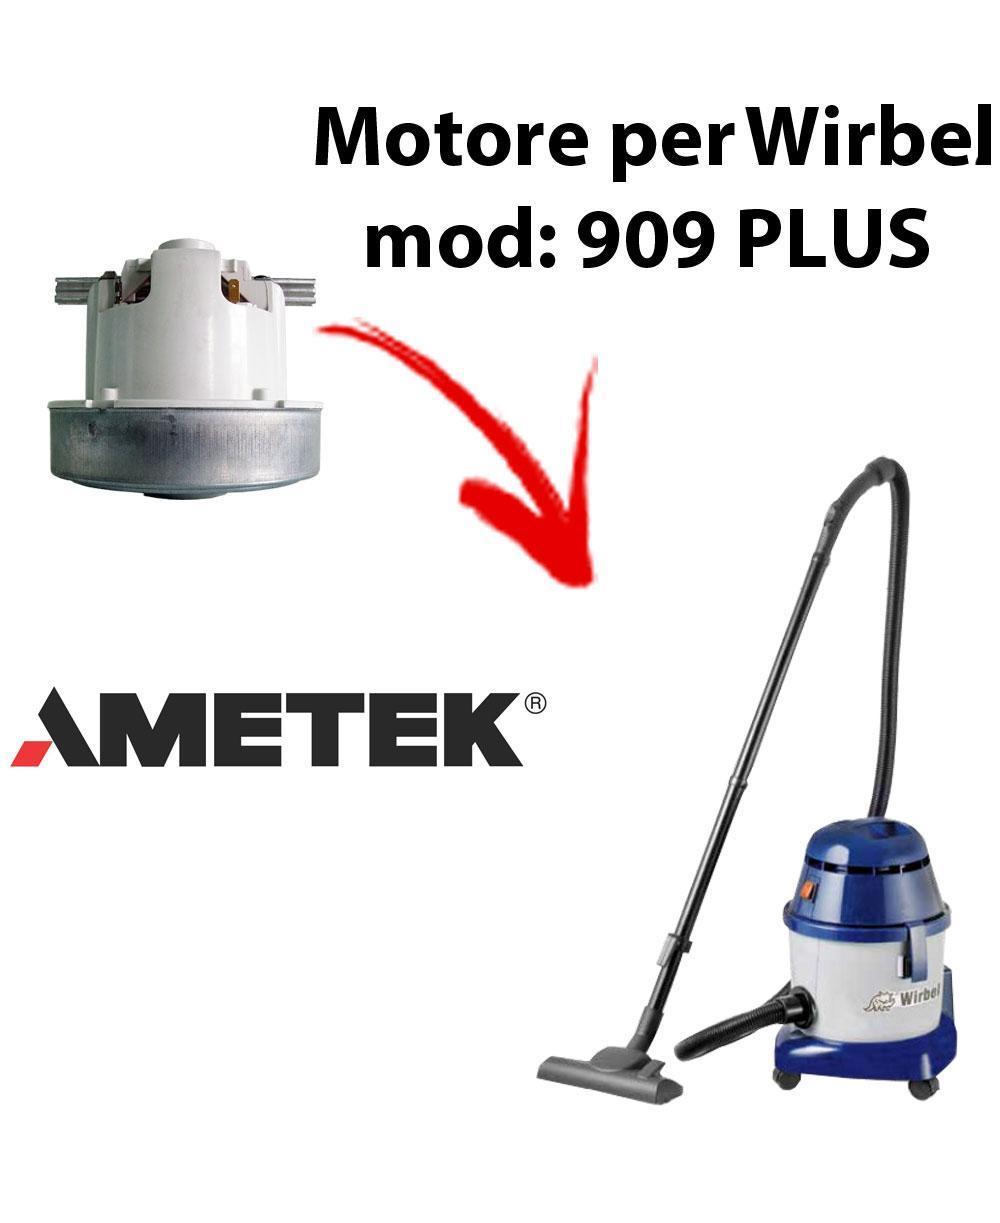 909 PLUS  MOTEUR ASPIRATION AMETEK pour aspirateur WIRBEL